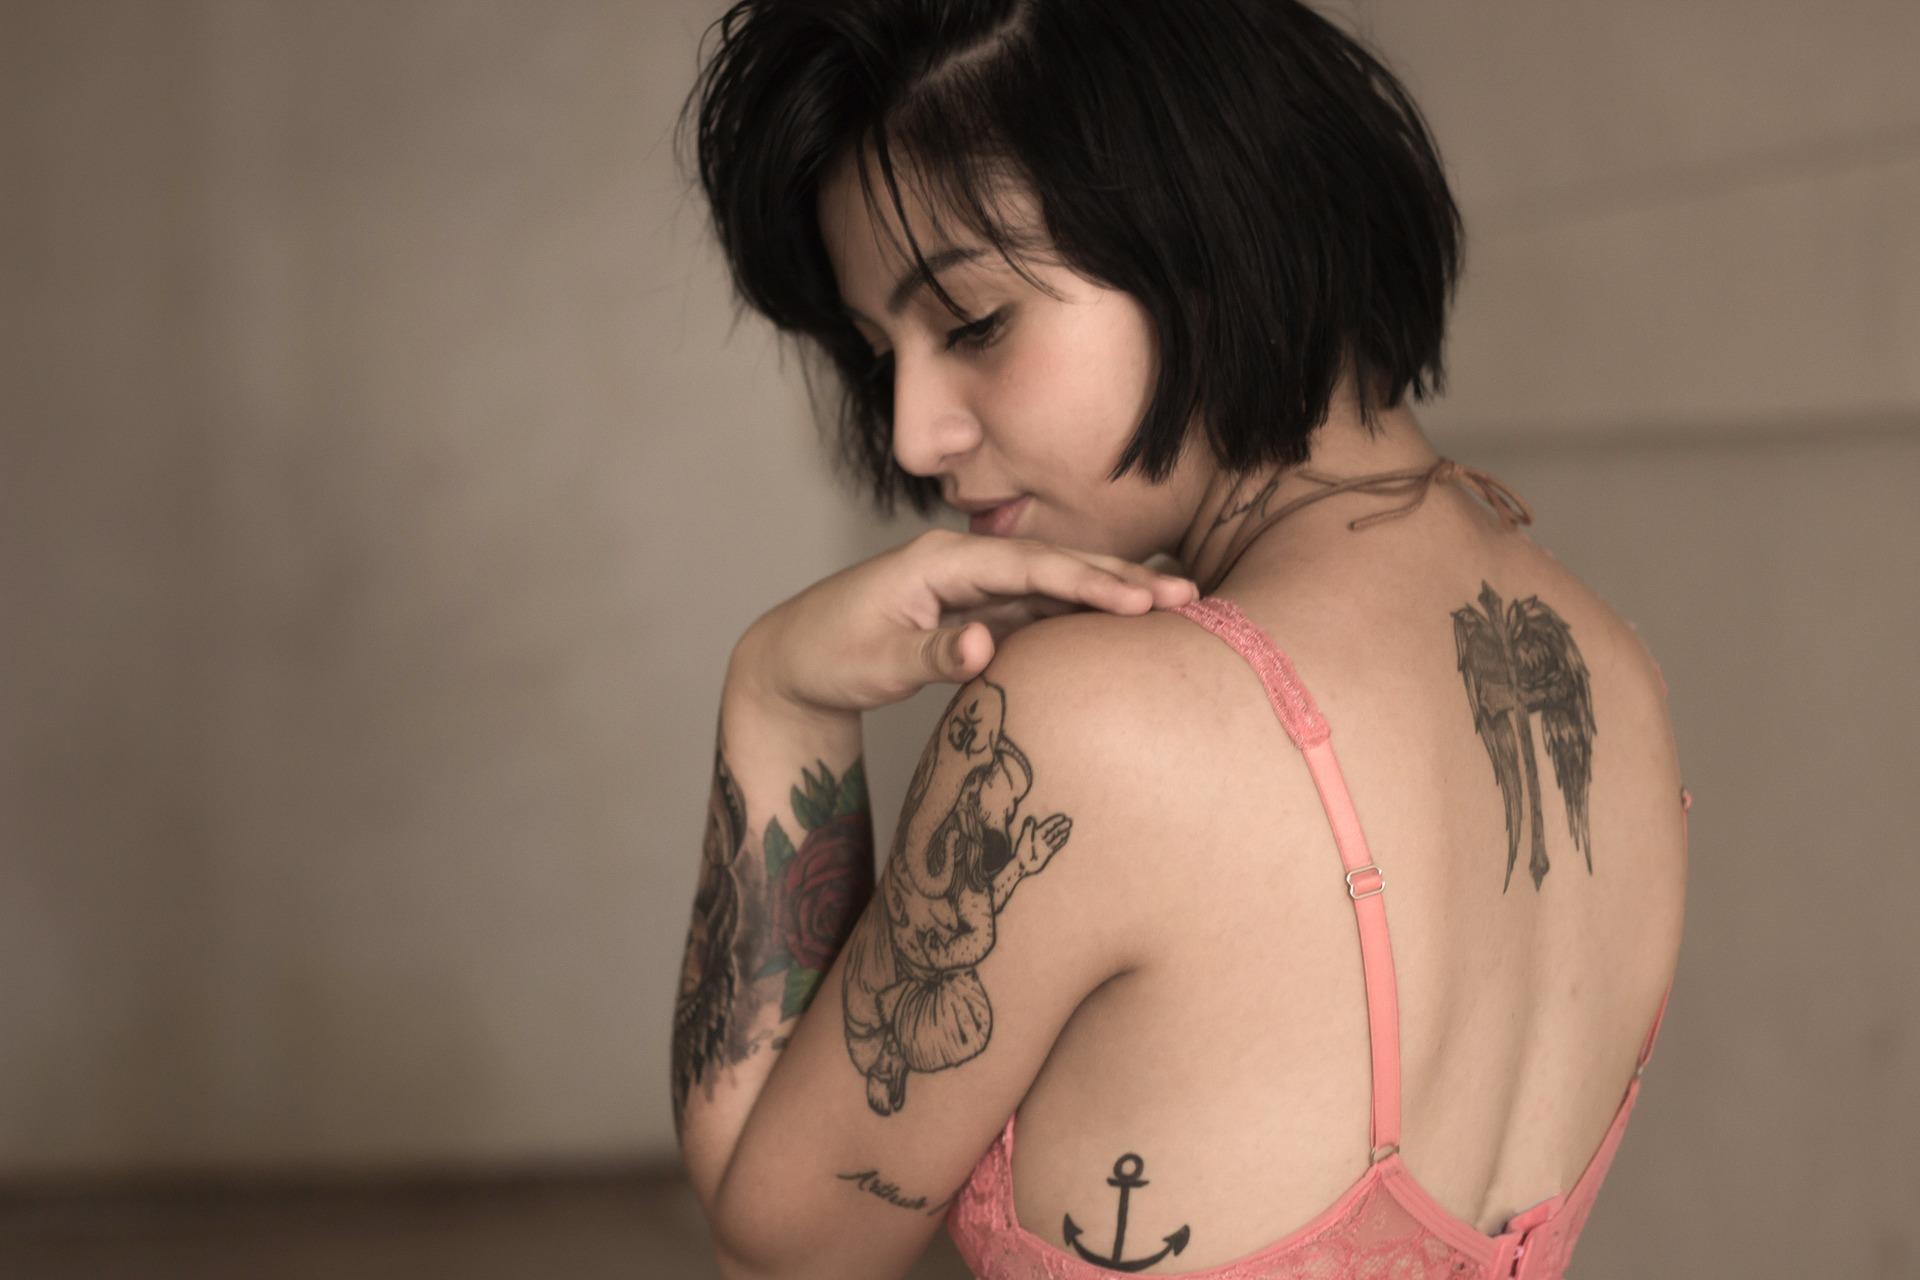 Que faire en cas de réaction allergique à un tatouage ?